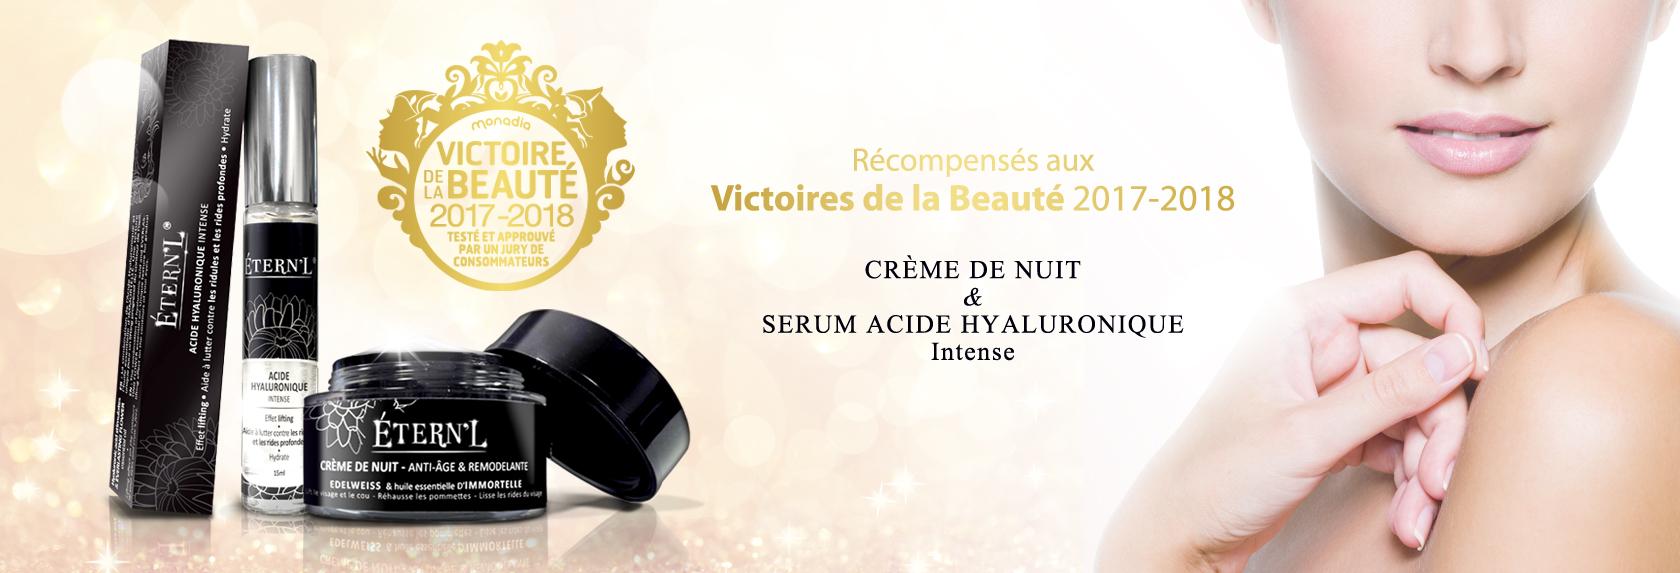 Victoire_de_la_beaute